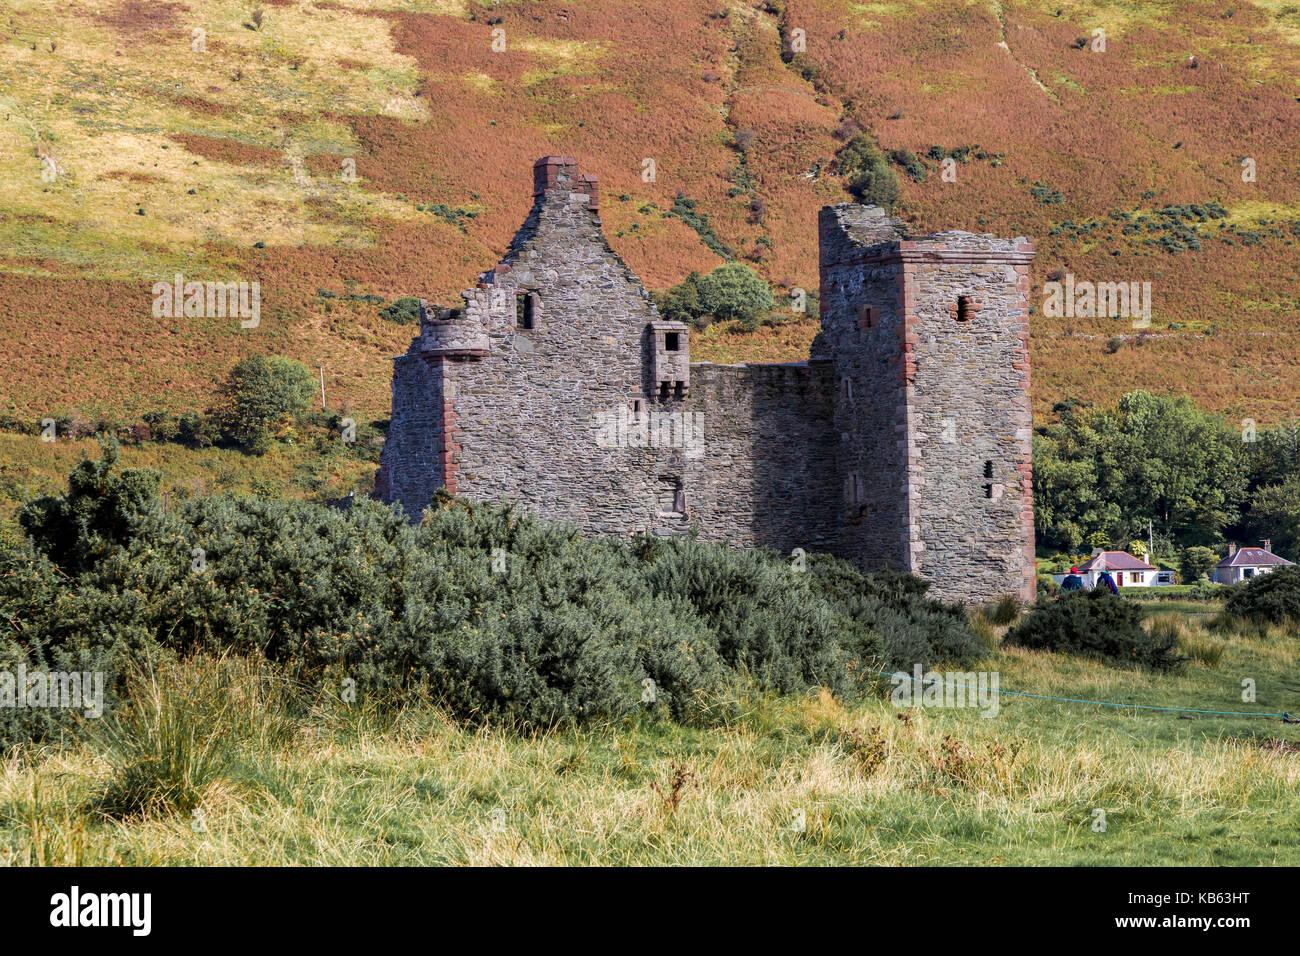 Lochranza Castle, Lochranza, Isle of Arran, North Ayrshire, Scotland - Stock Image